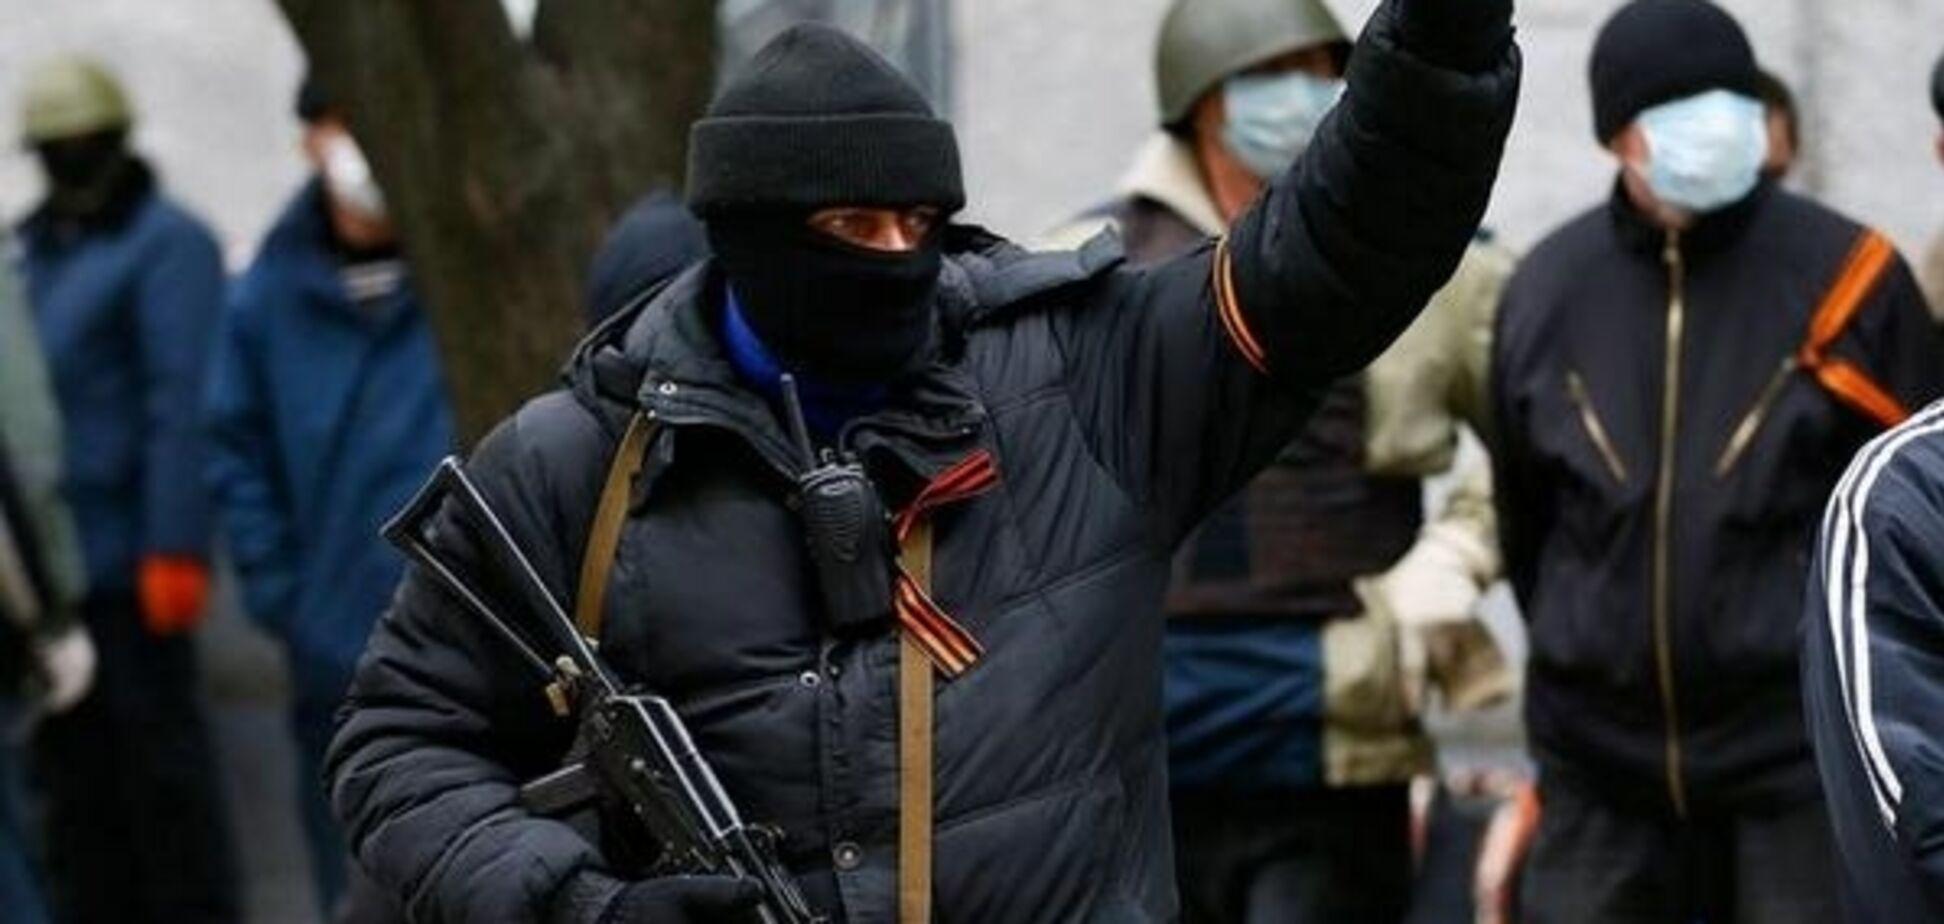 'Бросила младенца под гусеницу': стало известно о страшном поступке фанатки 'русского мира' на Донбассе